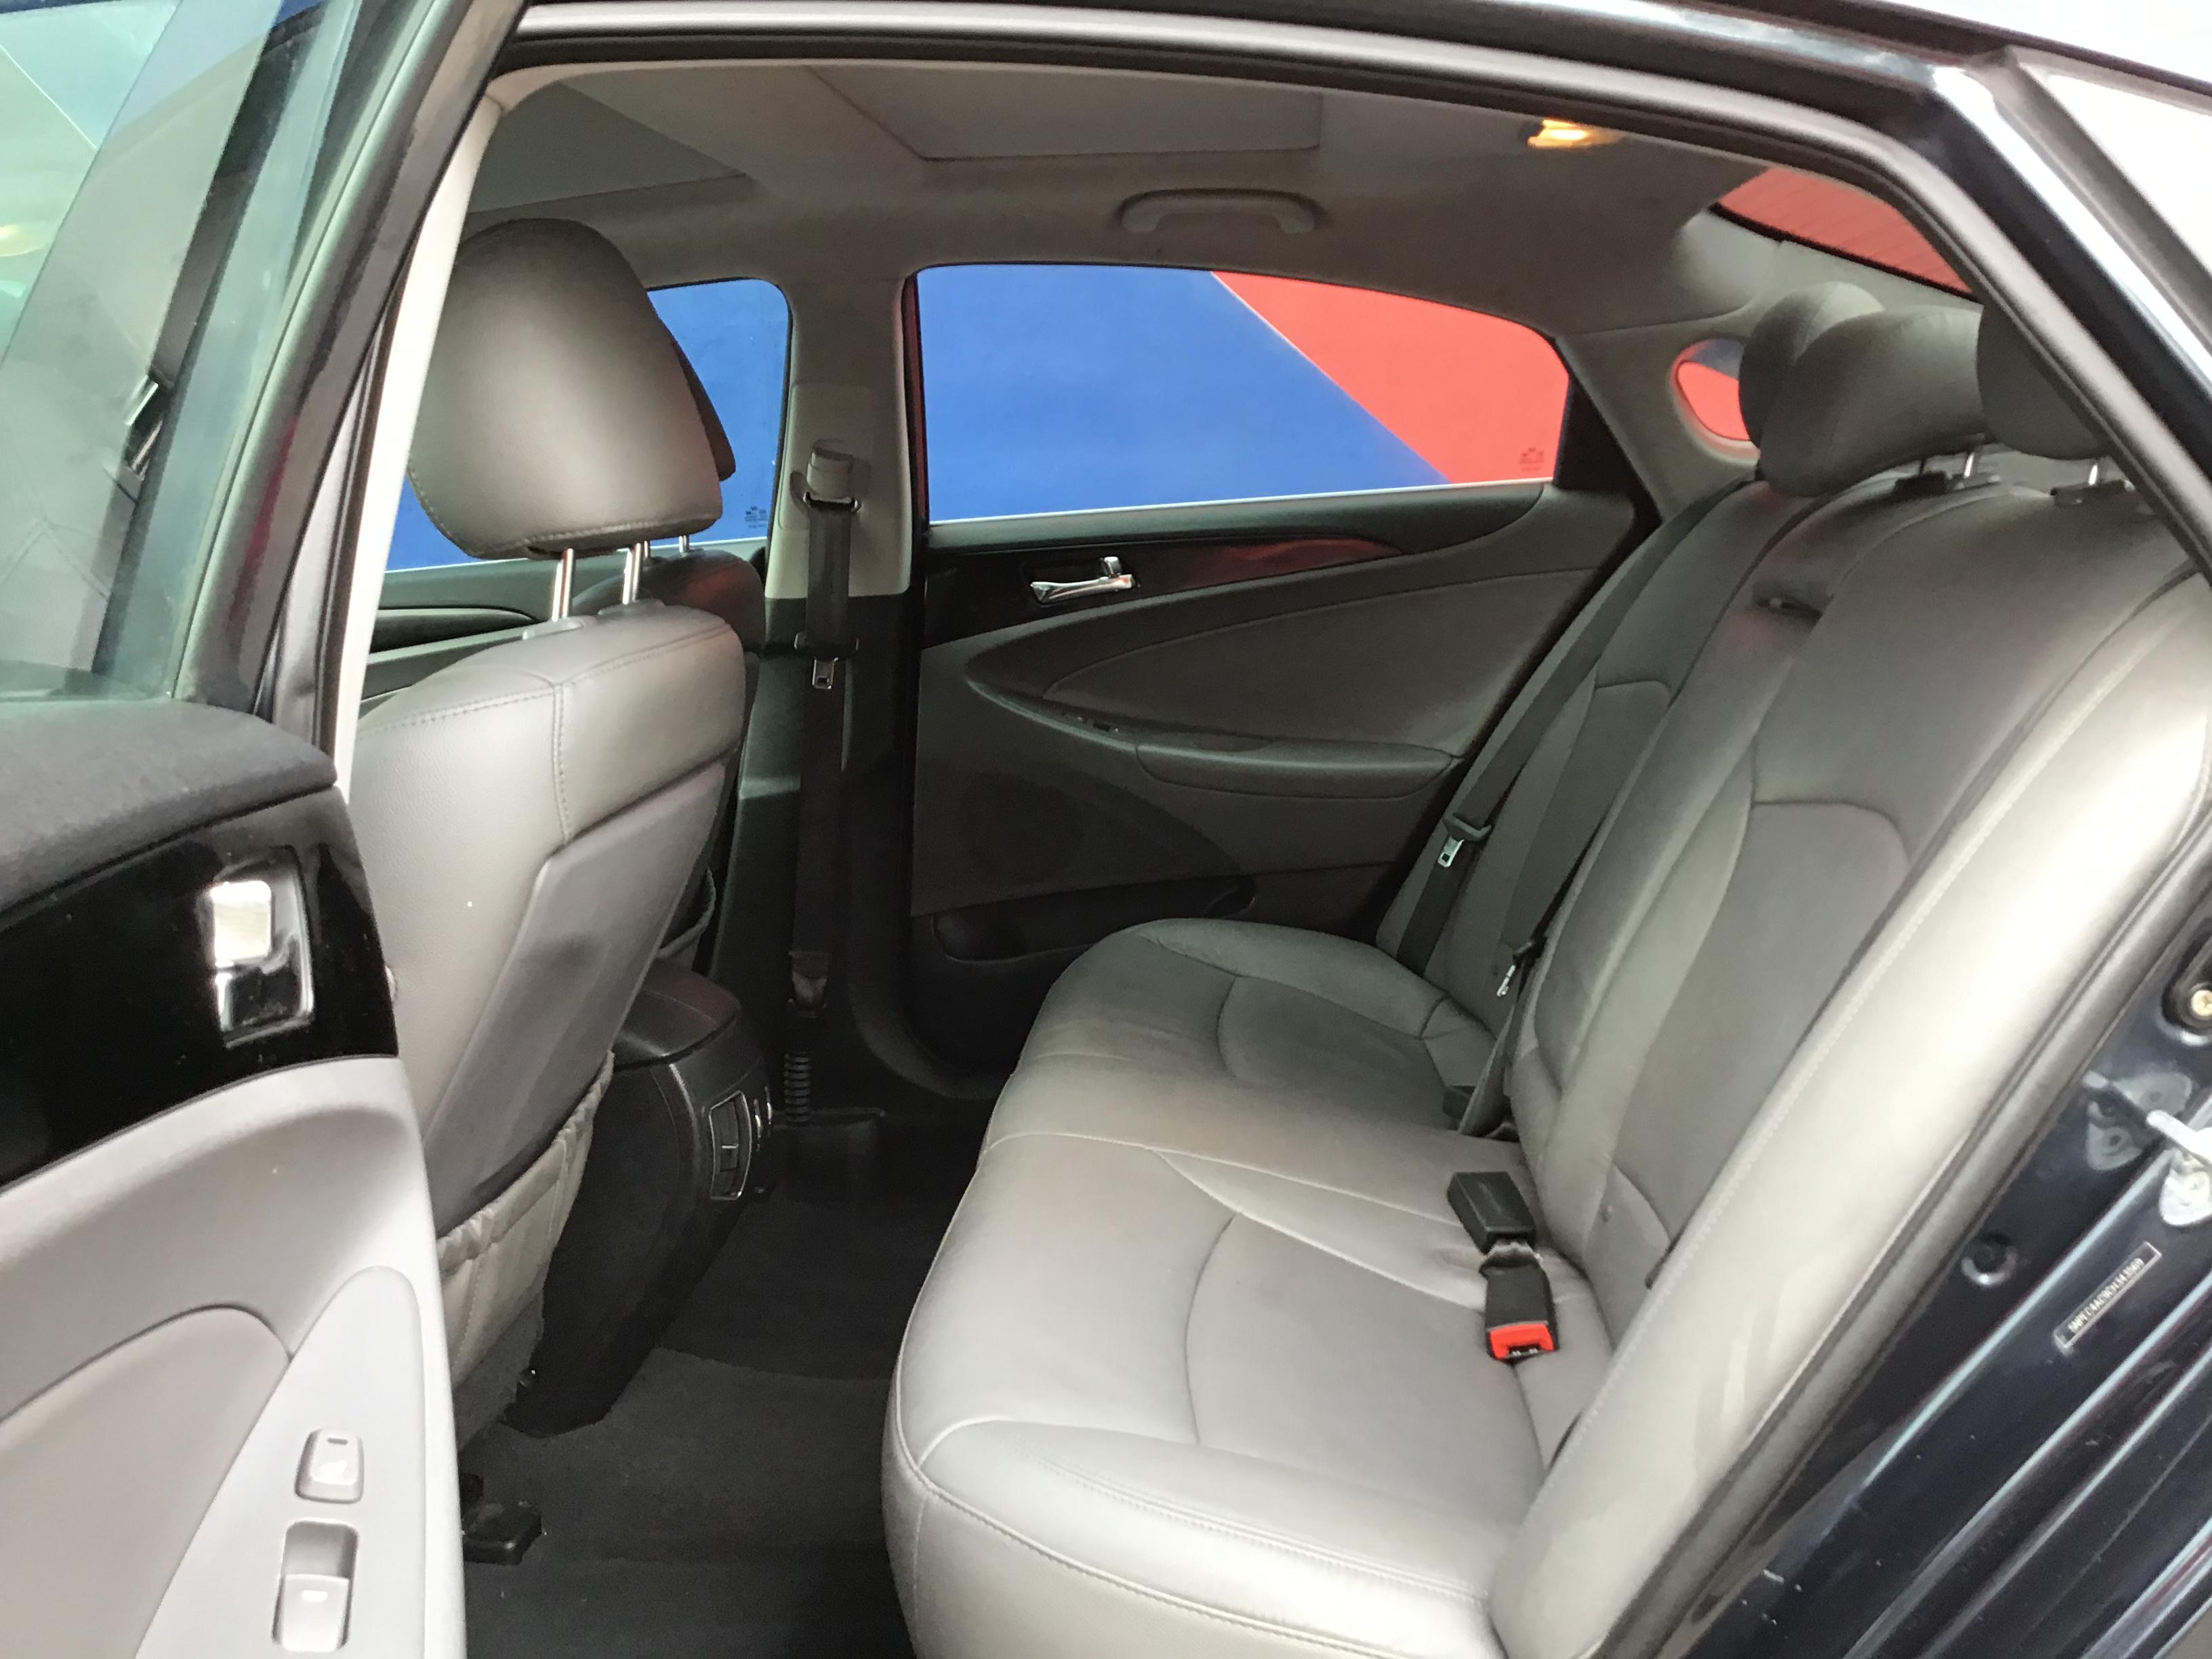 used vehicle - Sedan HYUNDAI SONATA 2012